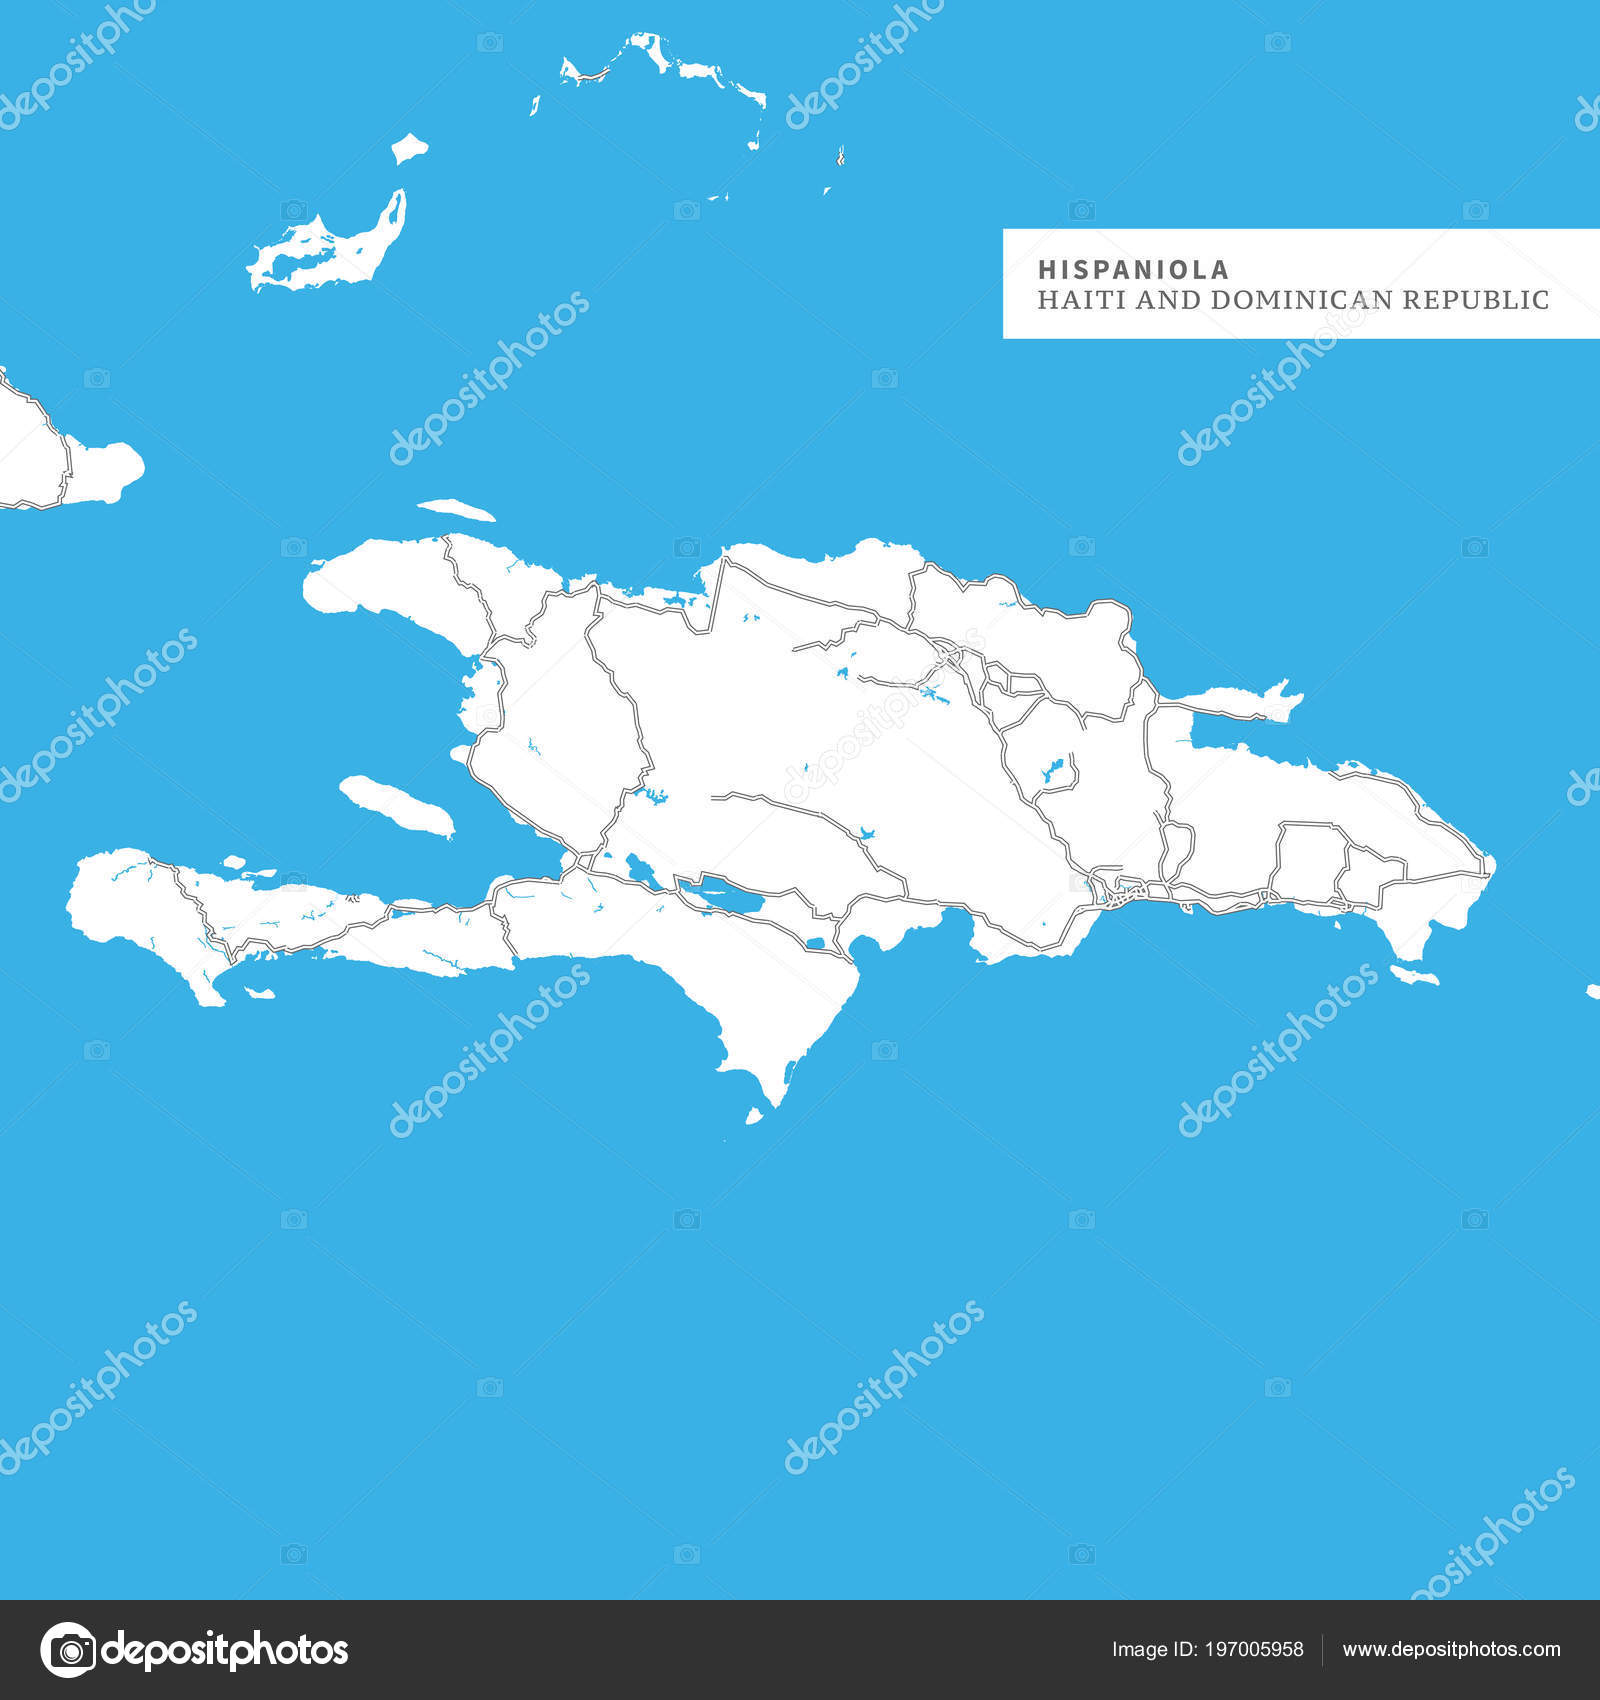 Haiti Karte.Karte Der Insel Hispaniola Haiti Und Dominikanische Republik